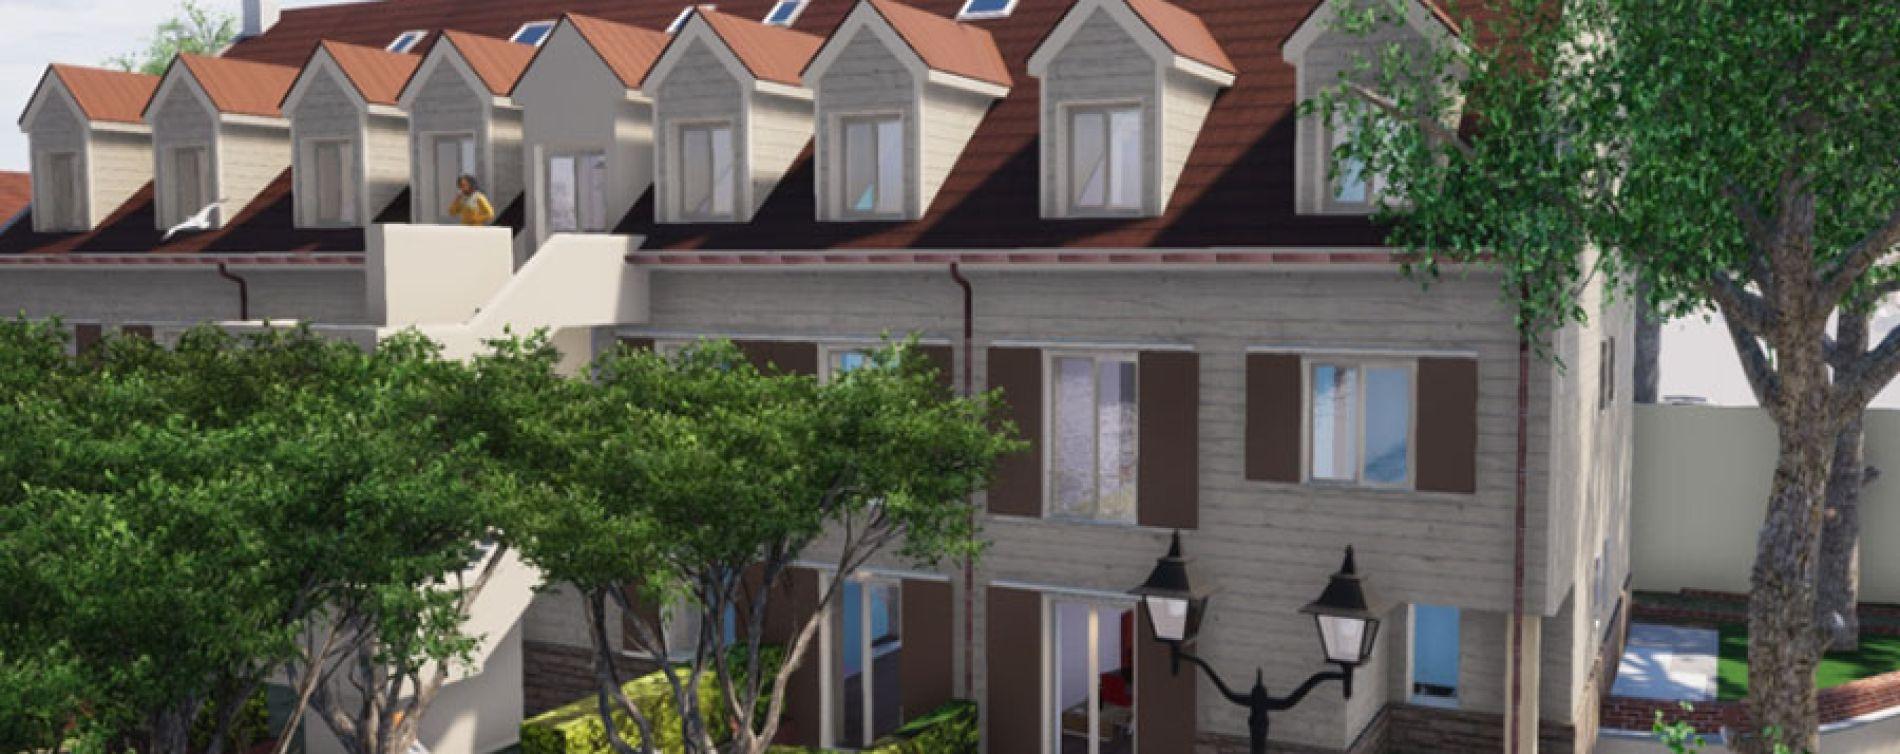 Chelles : programme immobilier à rénover « Bâtiment D - 10 Rue de Gournay » en Déficit Foncier